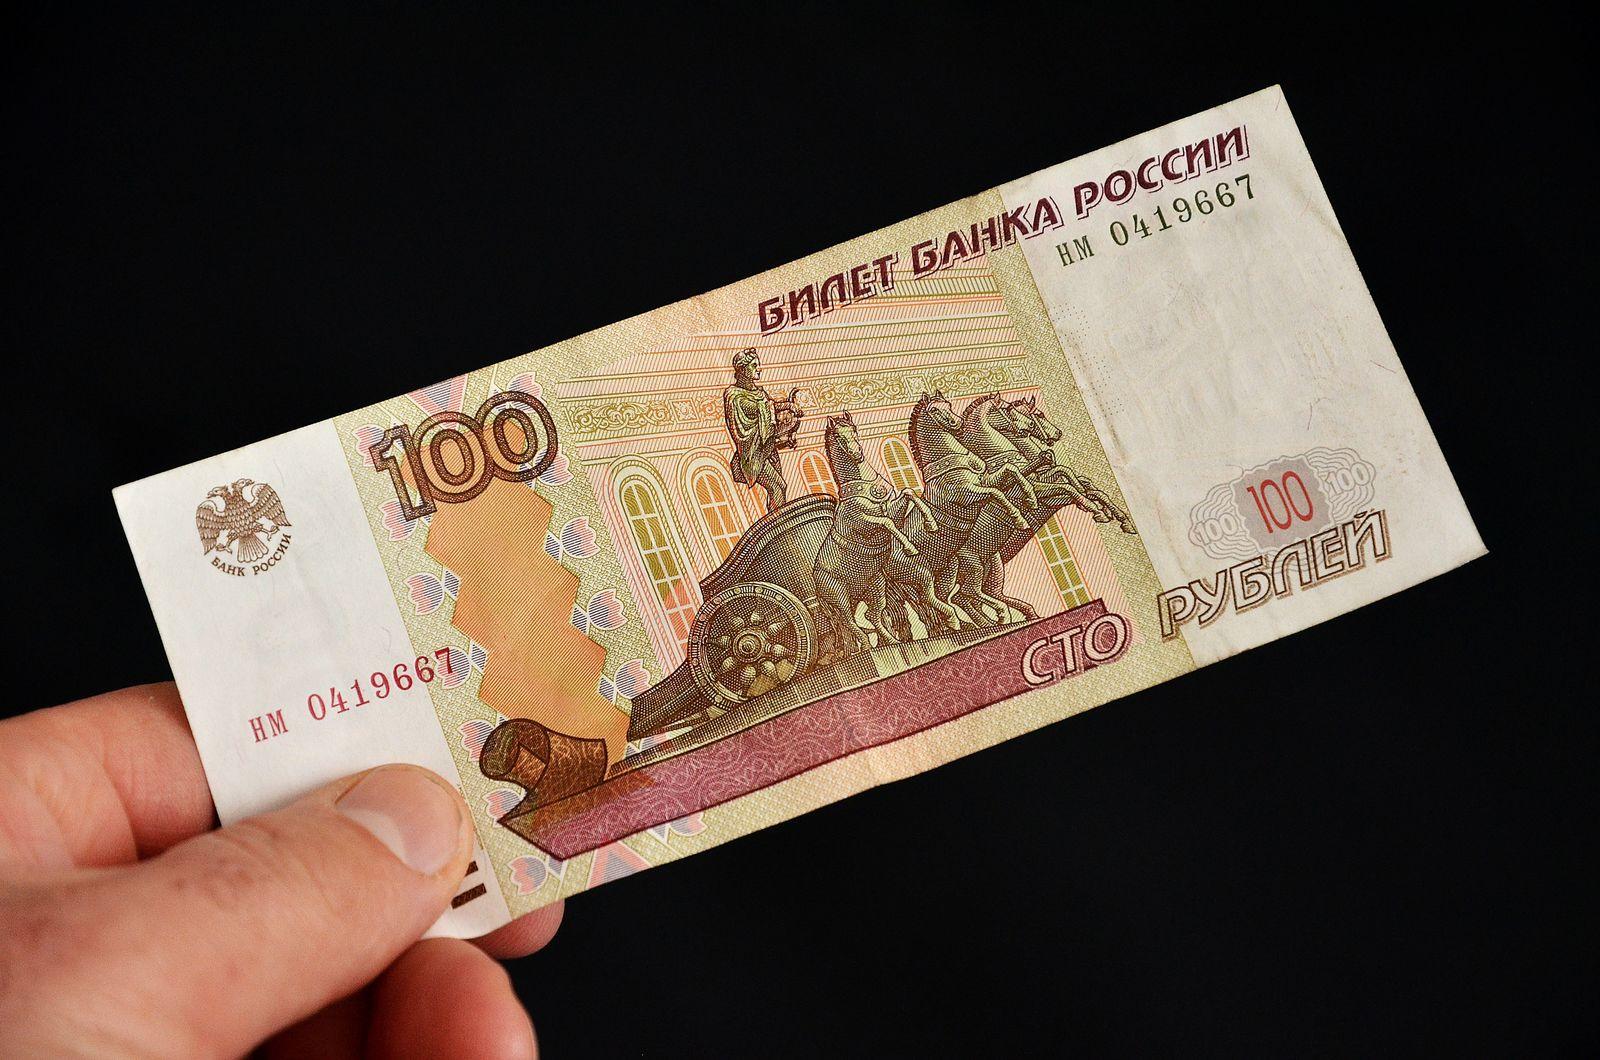 100 Rubel Schein